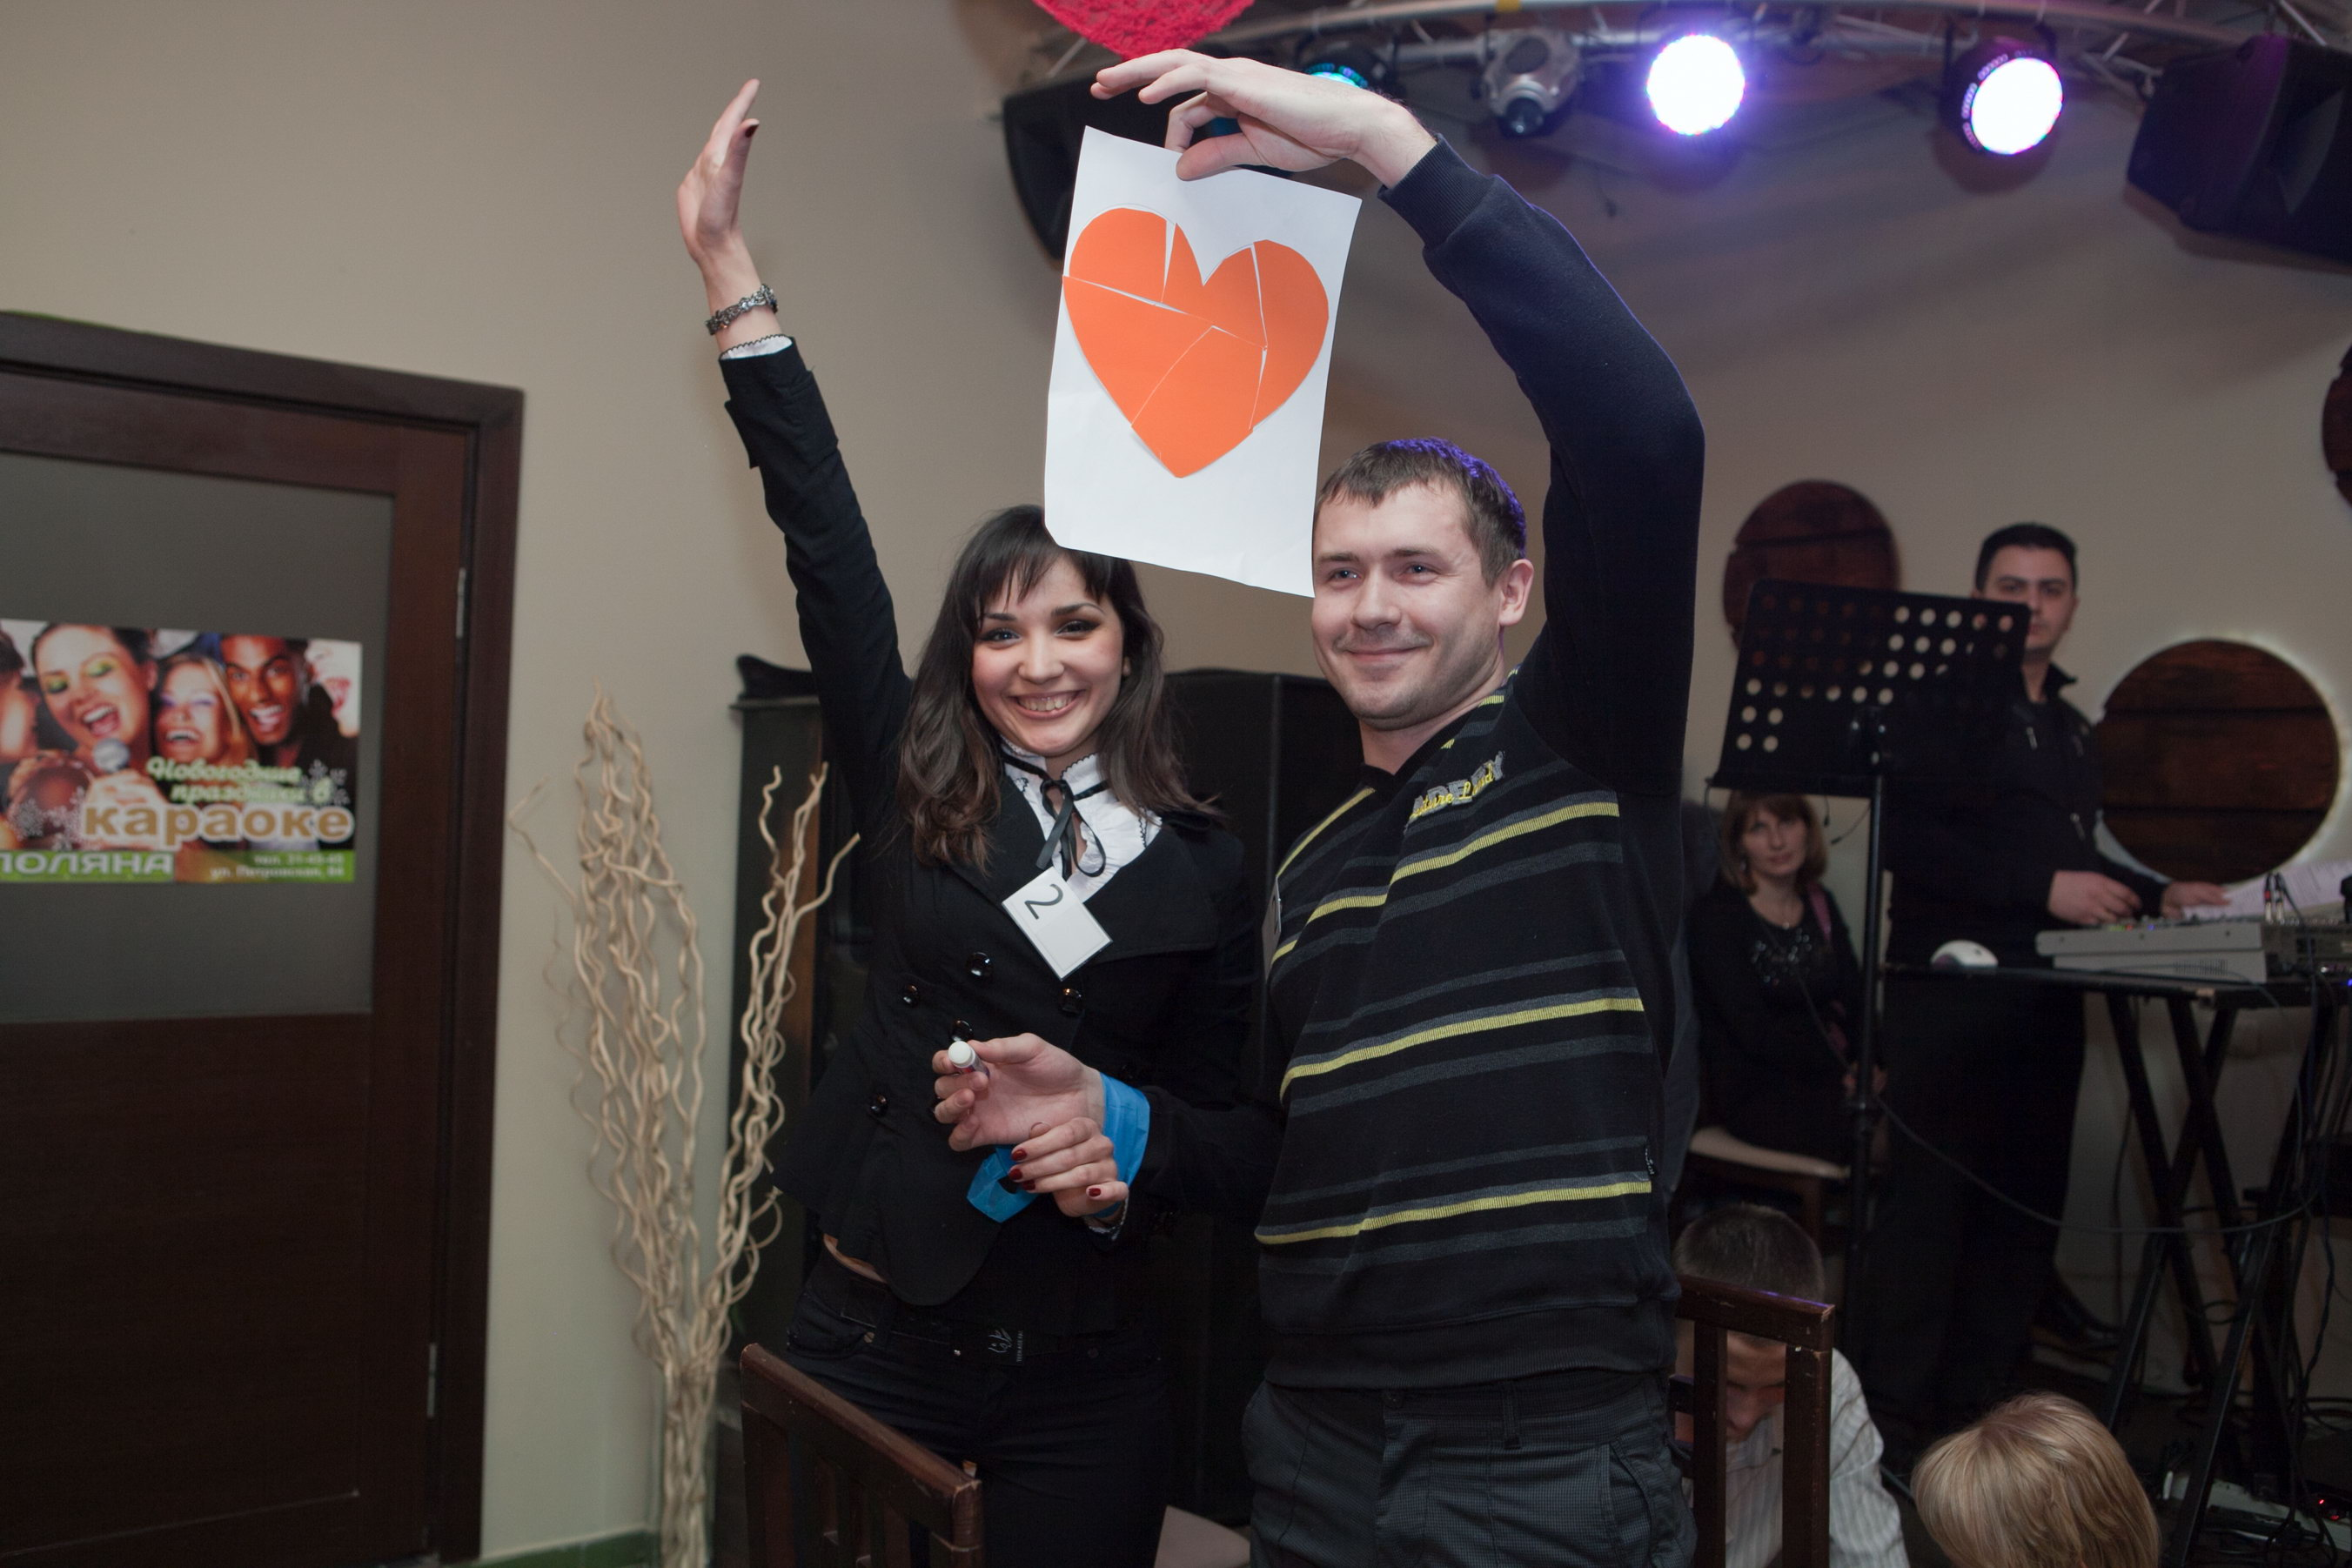 Итоги конкурса Самая красивая свадьба Таганрога 2011